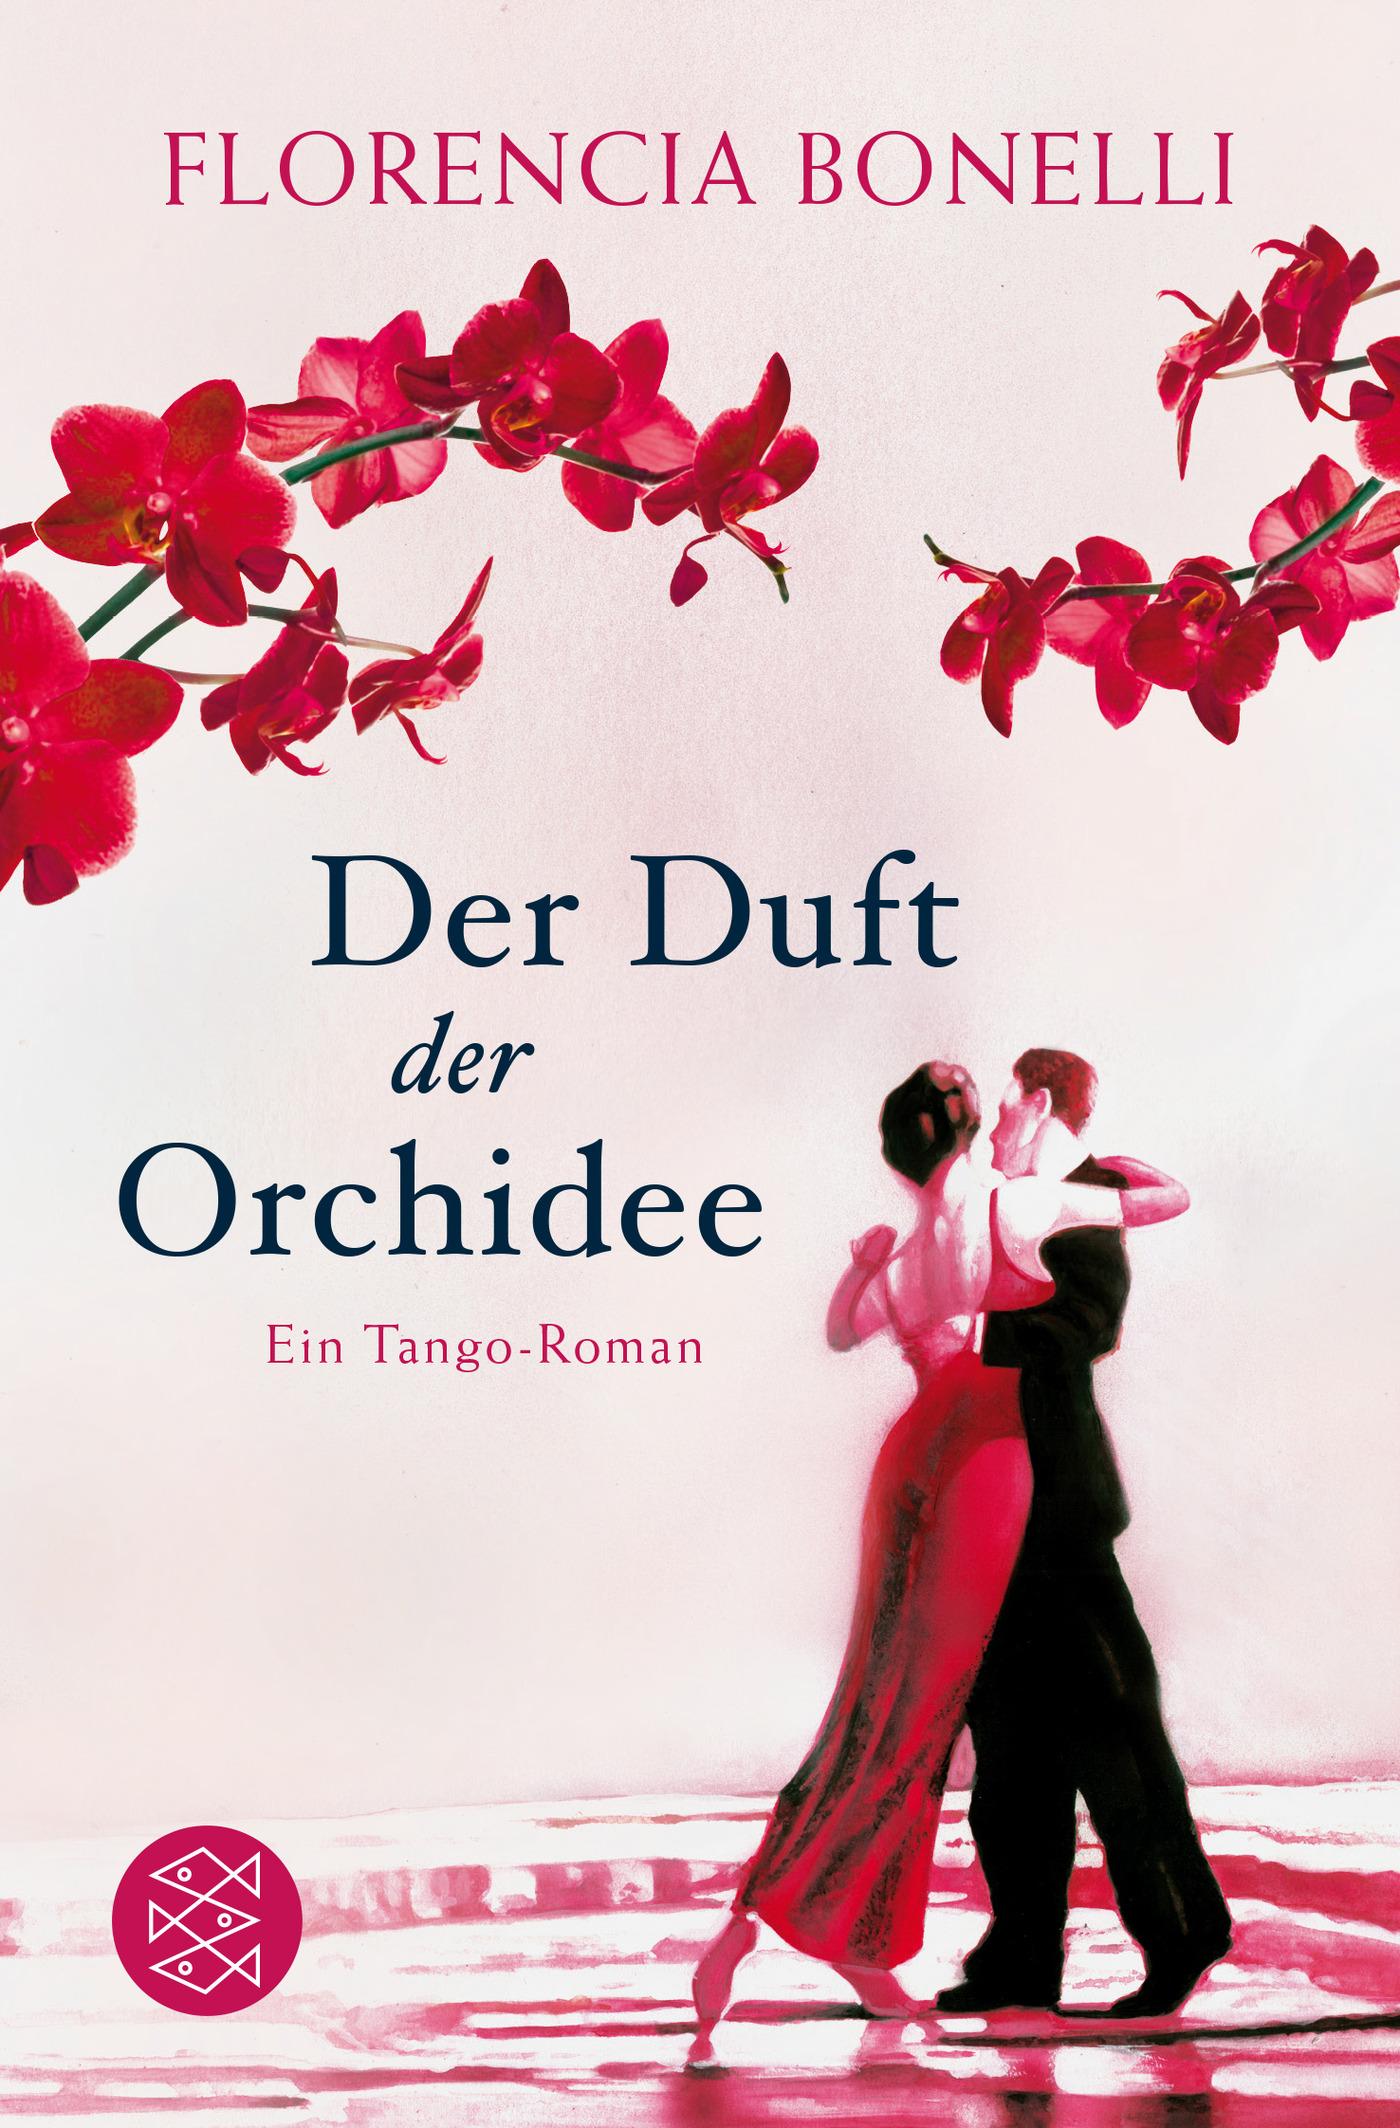 Der-Duft-der-Orchidee-Florencia-Bonelli